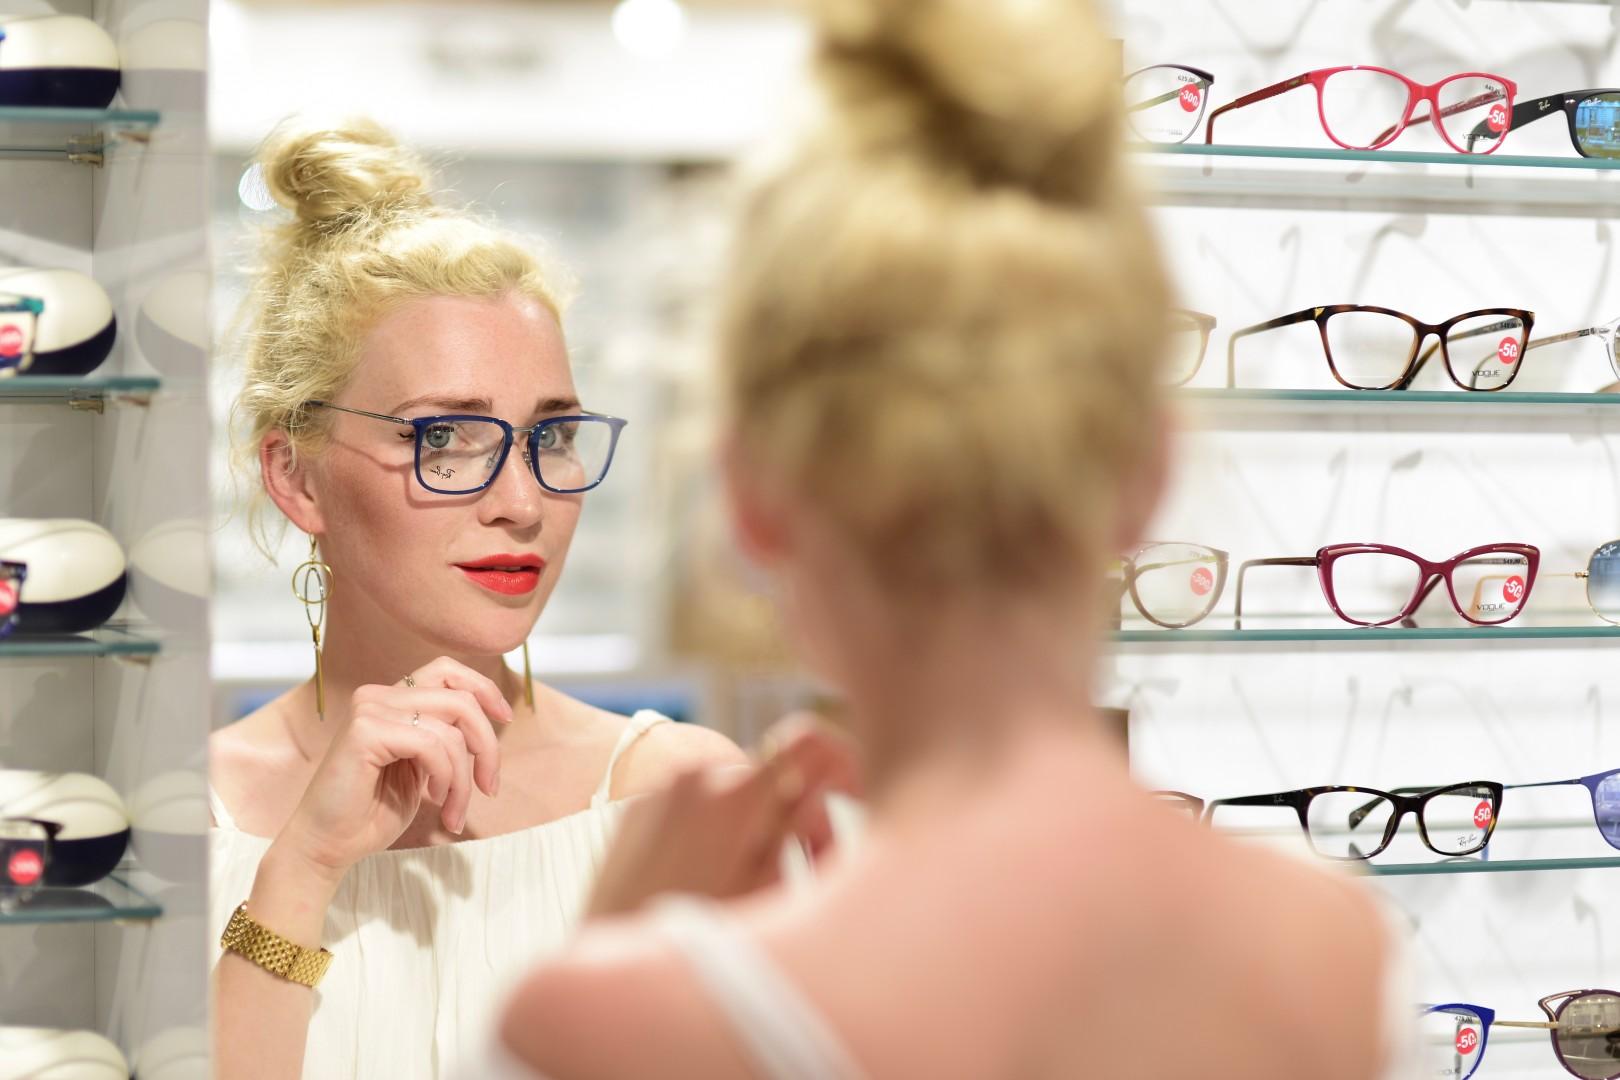 Jak dobierać okulary do kształtu twarzy? Jak dobrze wybierać okulary przeciwsłoneczne?